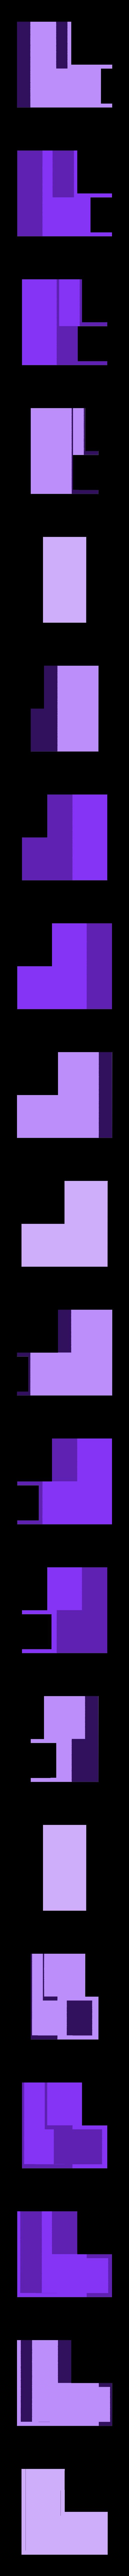 support kapla 90°.stl Télécharger fichier STL gratuit support pour jeu kapla • Modèle pour impression 3D, jerometheuil